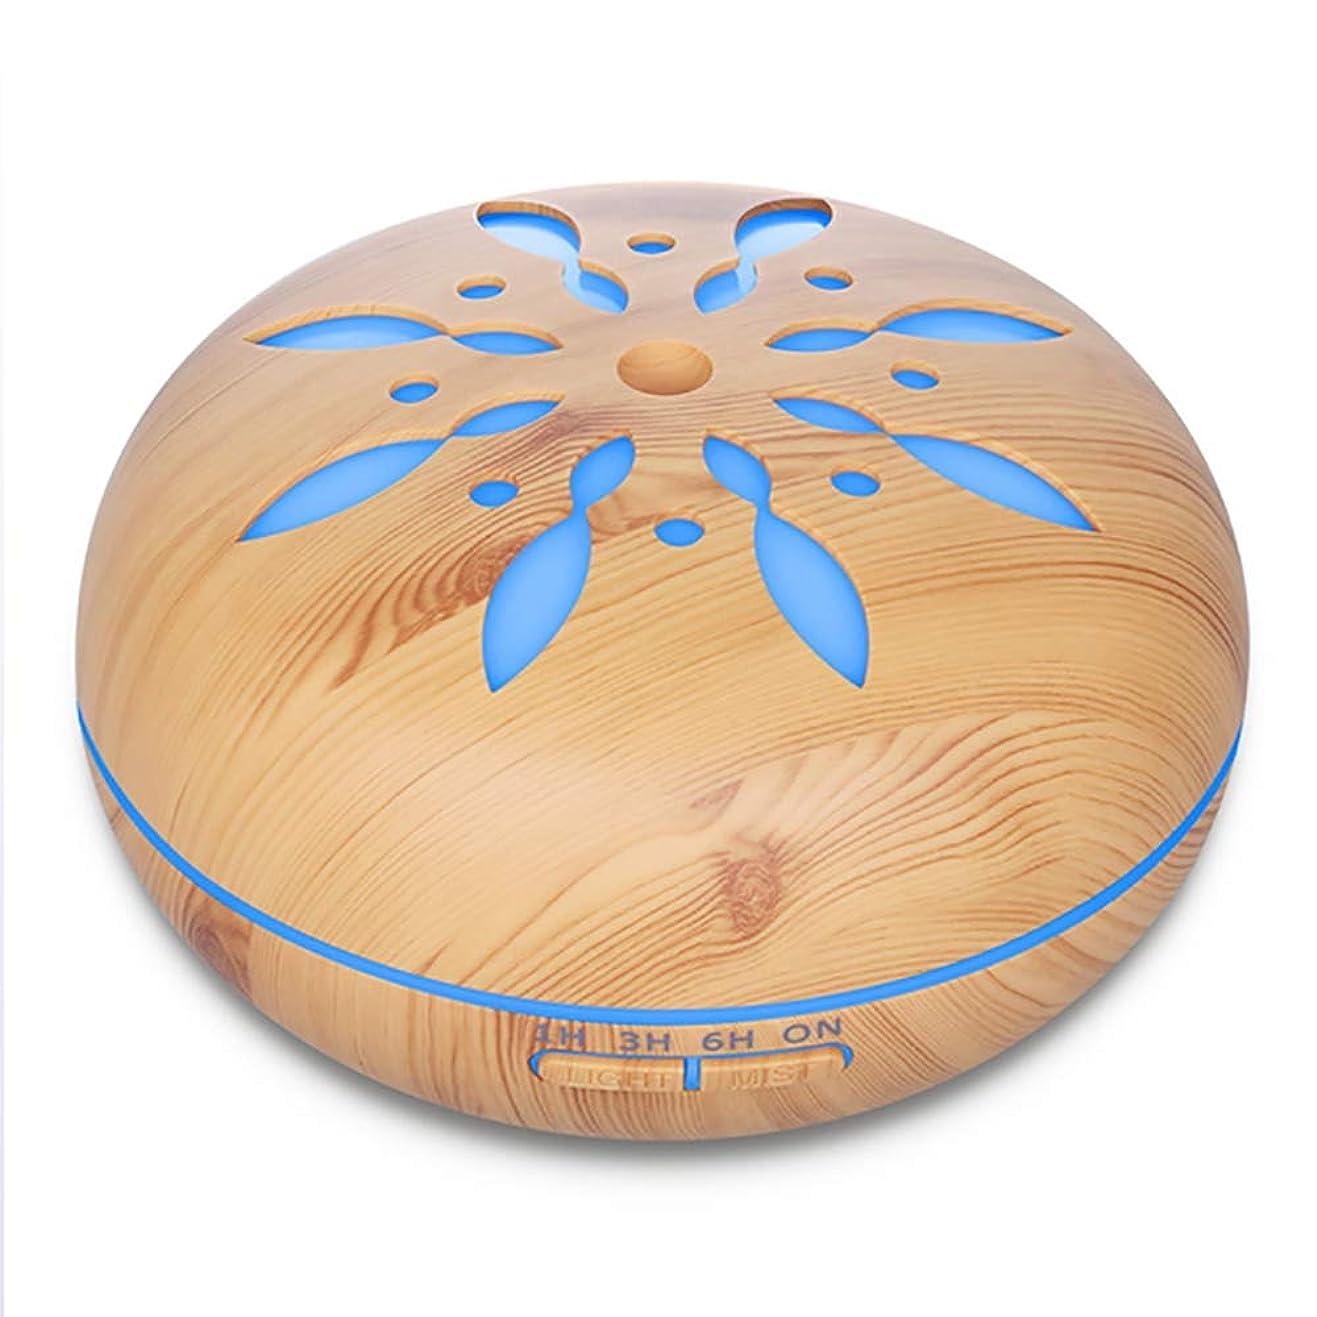 鑑定バーチャルバーゲンアロマセラピー超音波加湿器300ml エッセンシャルオイルディフューザー7色 LED 4 タイマー空気清浄ベビー加湿器ホームオフィスベビーベッドルーム